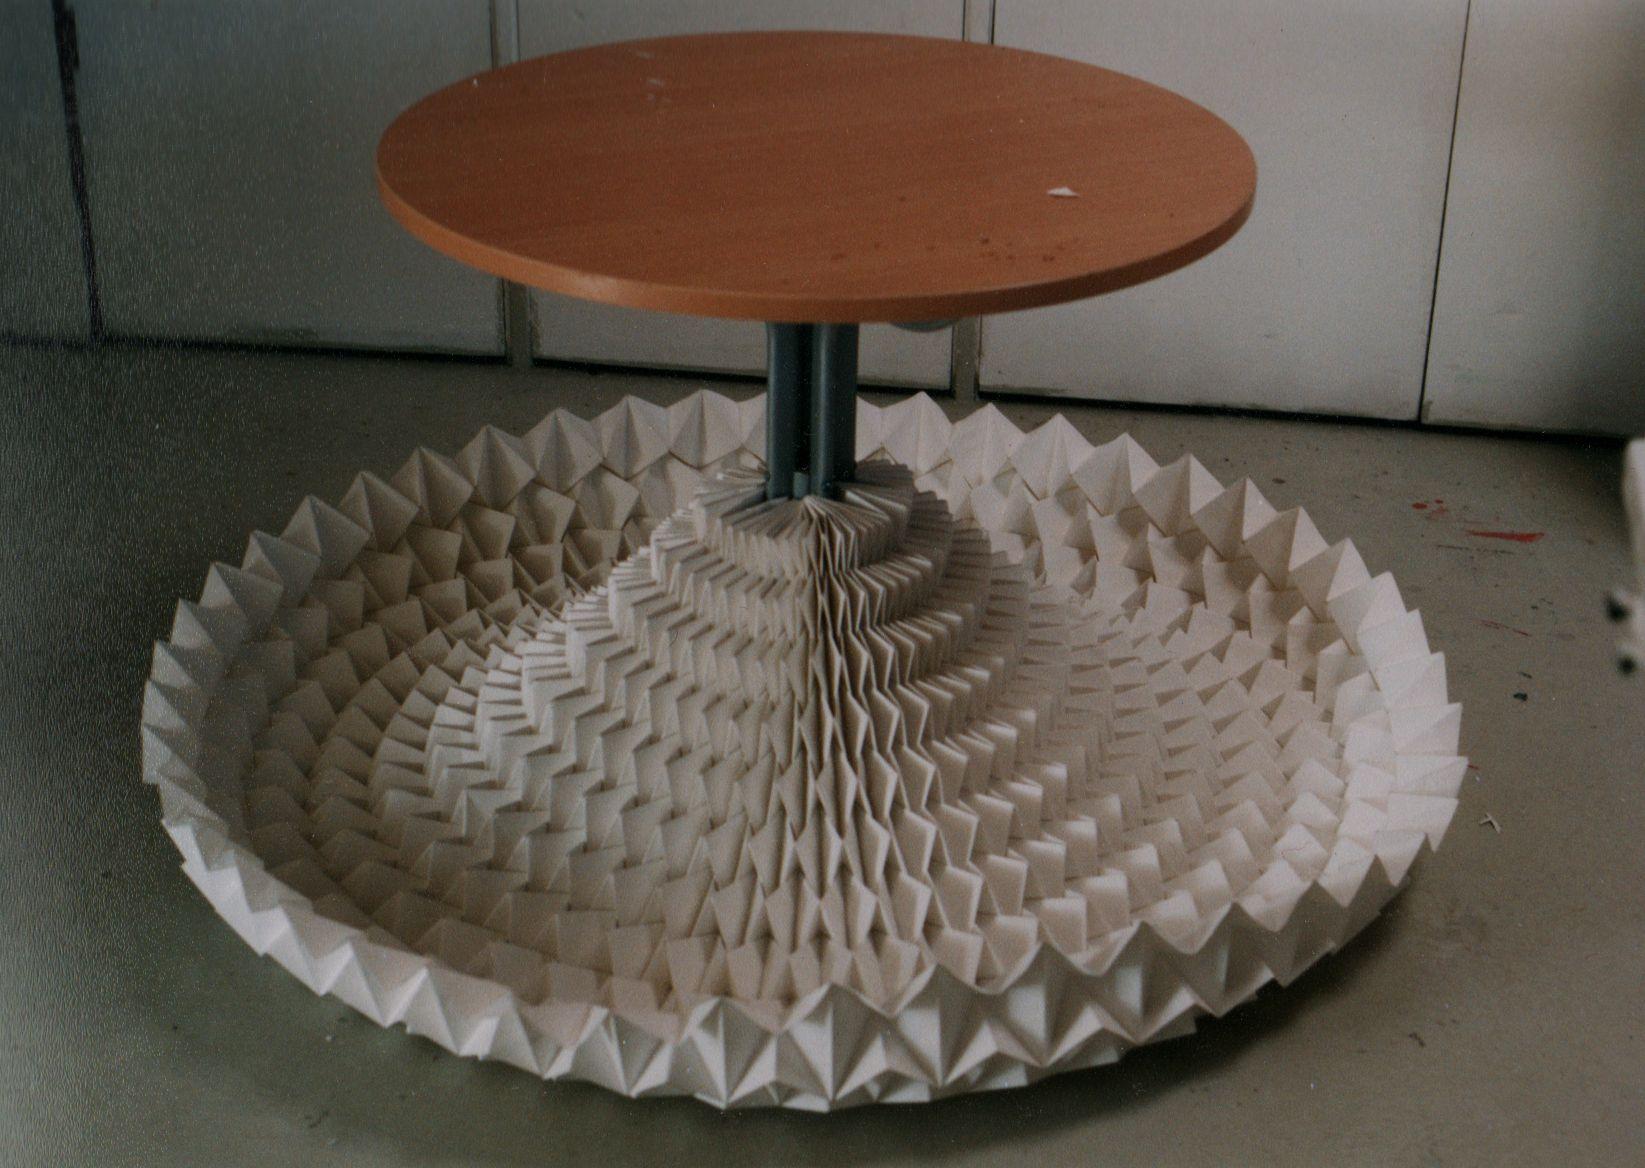 Le pied d'une table ronde s'évase en des milliers de plis